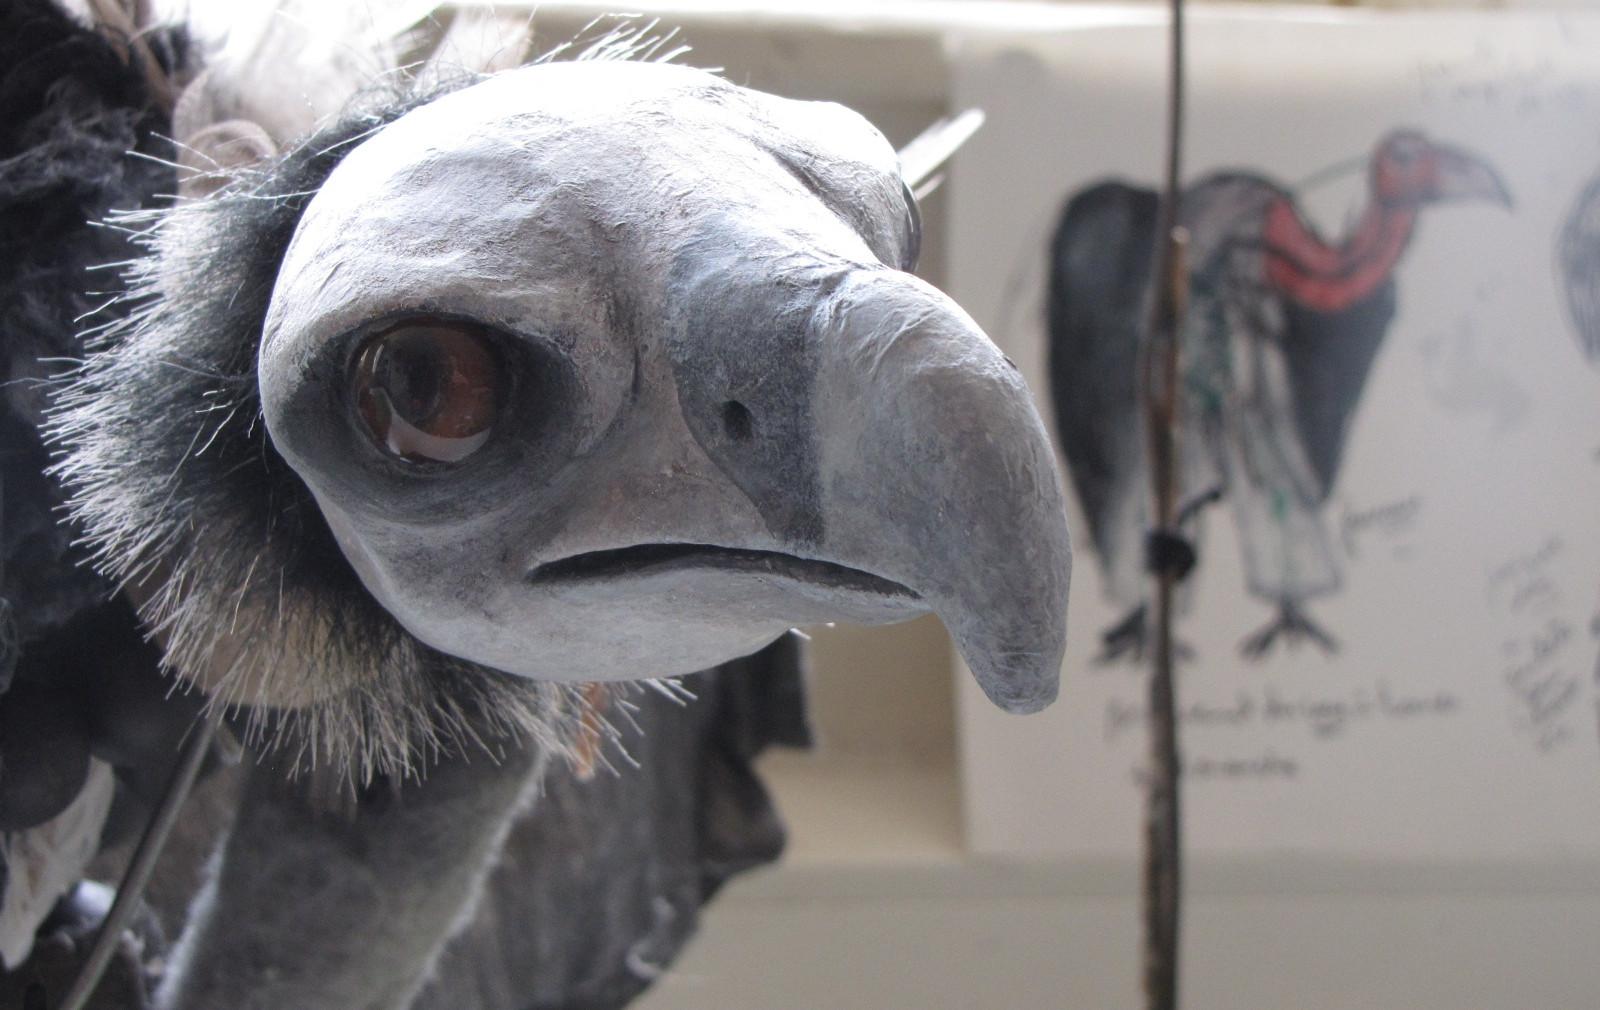 de nouvelles marionnettes-animales surgissent